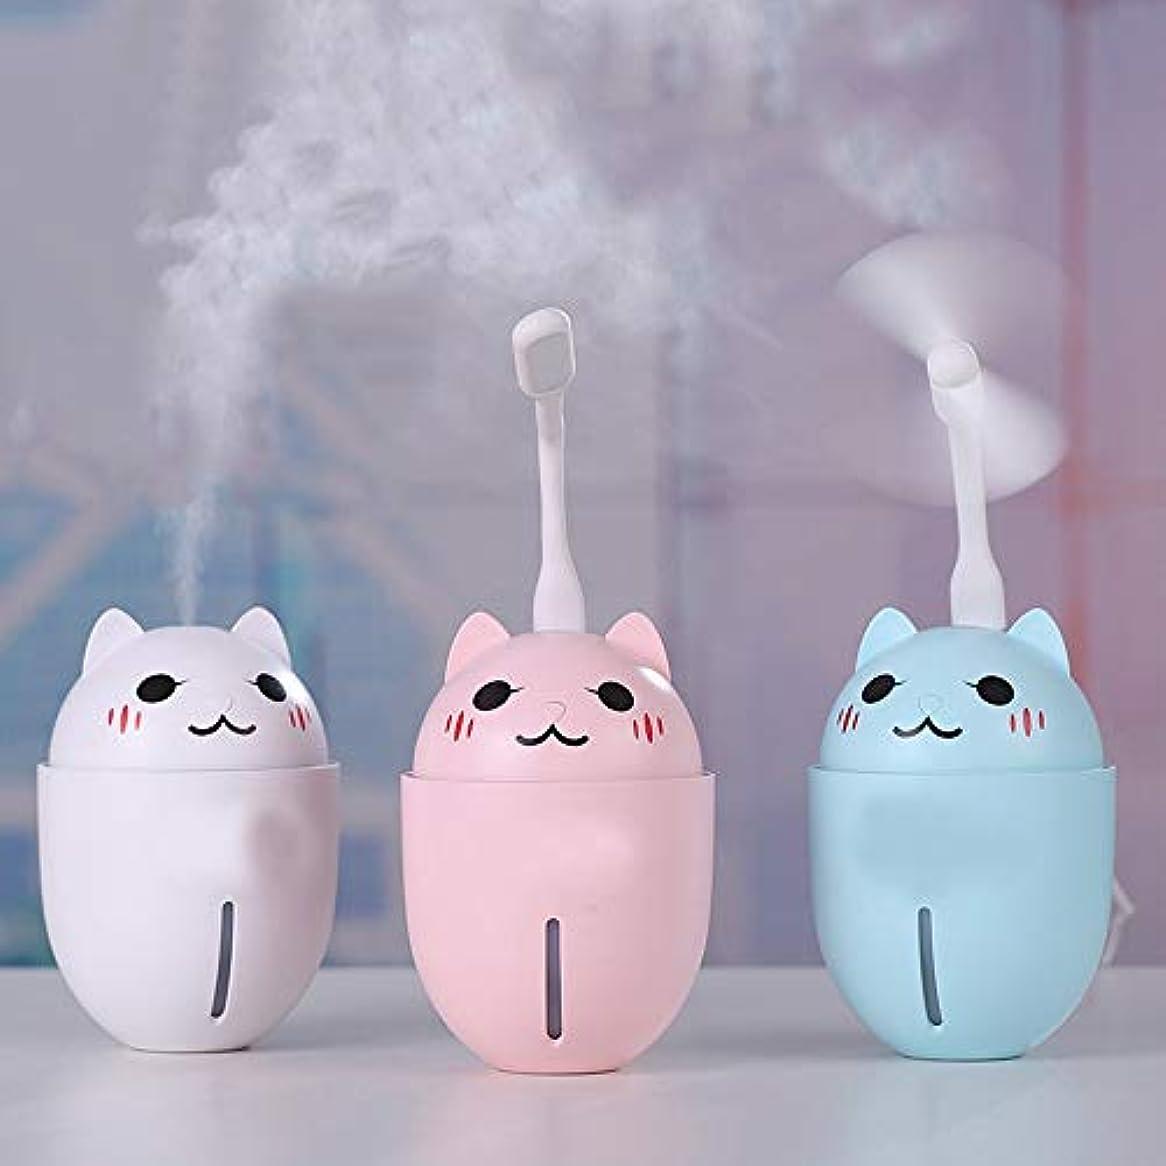 優しい彫刻家れるZXF 新しいクリエイティブかわいいペット猫加湿器家庭用電化製品3つ1つでミニusb水道メーターファンナイトライトブルーピンクホワイト 滑らかである (色 : Pink)